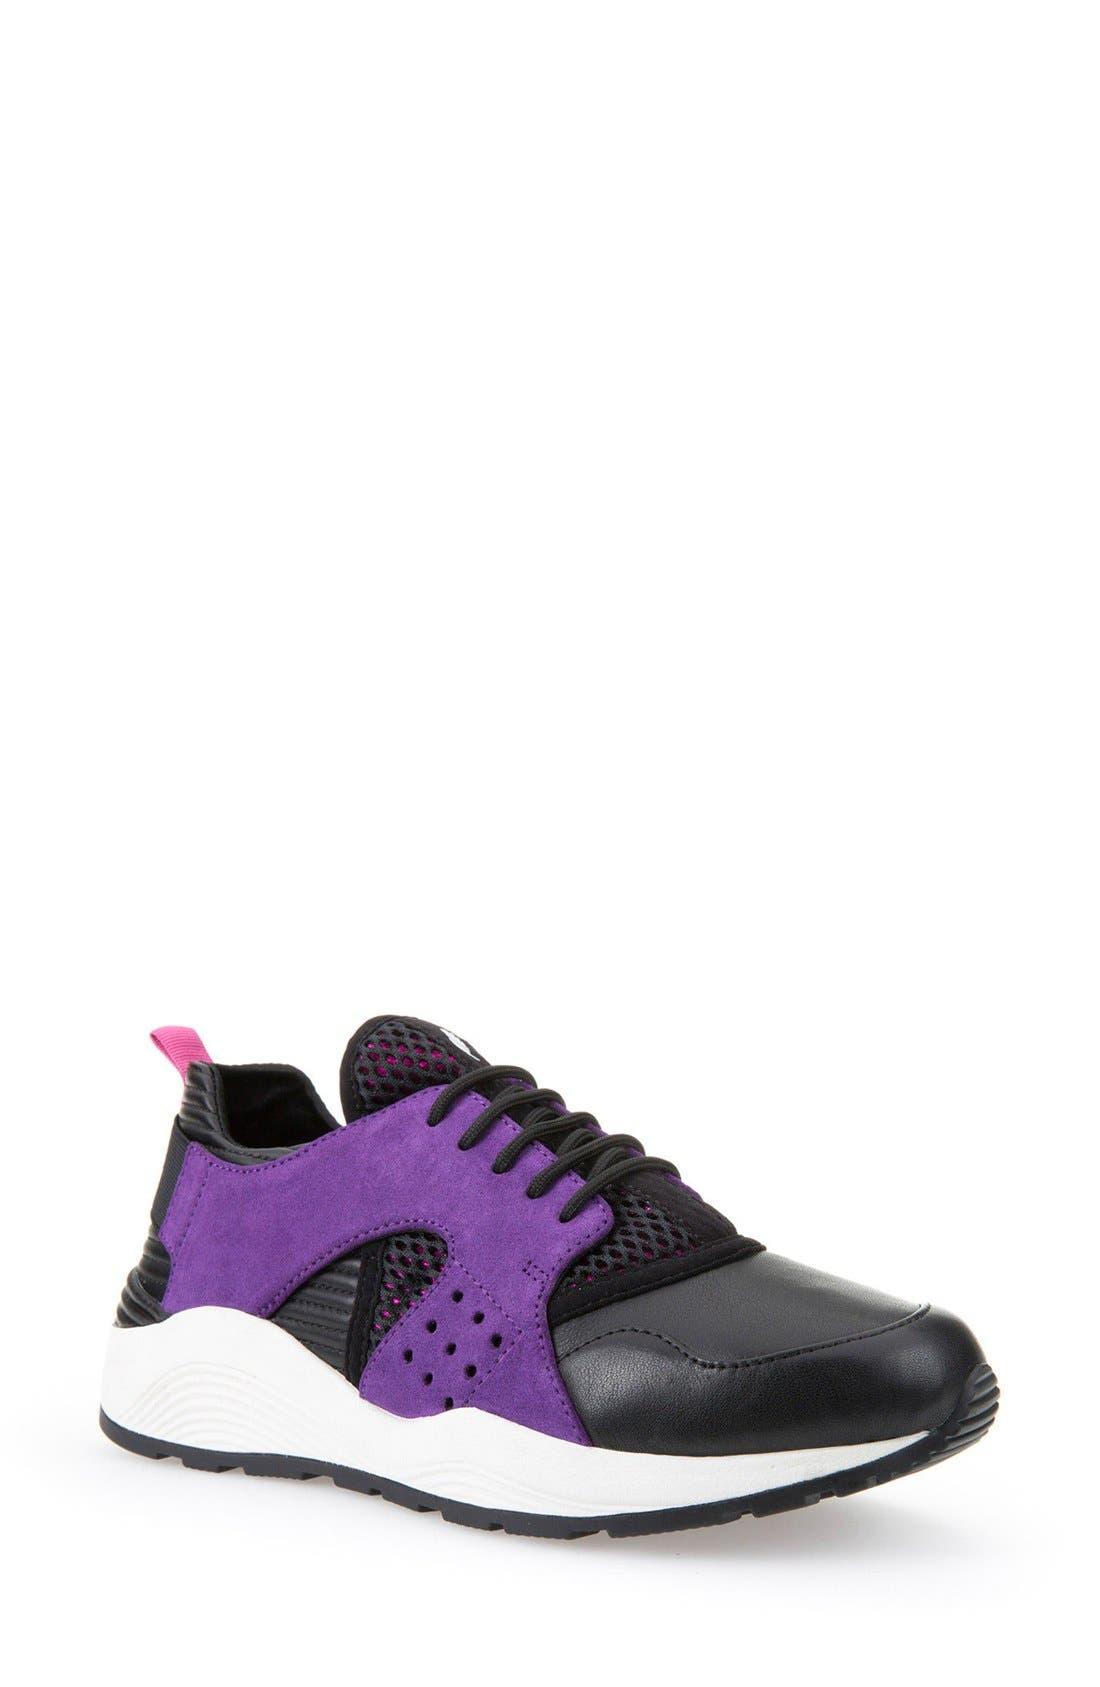 Alternate Image 1 Selected - Geox 'Omaya' Sneaker (Women)